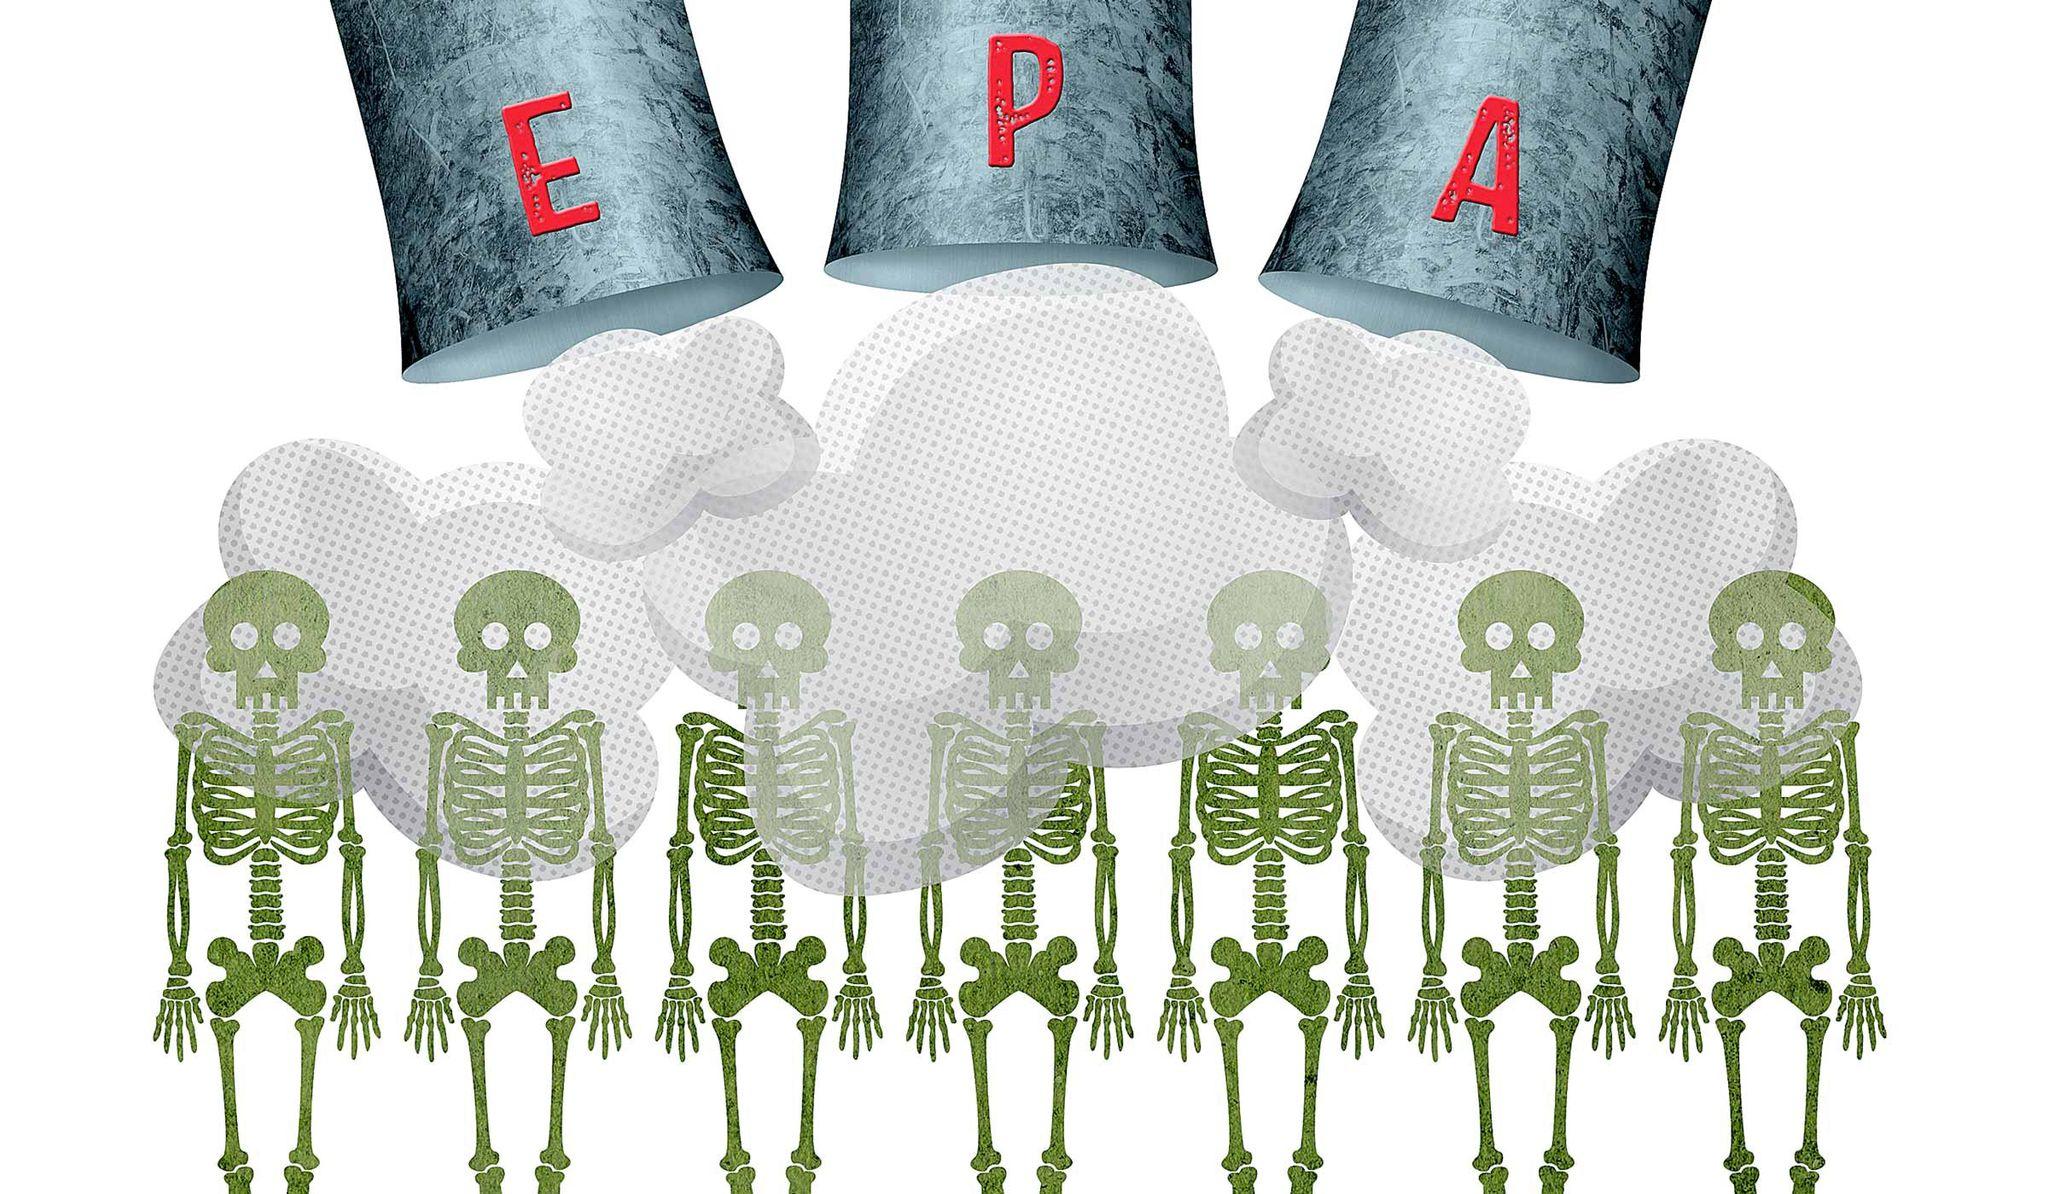 The EPA's secret whitewash